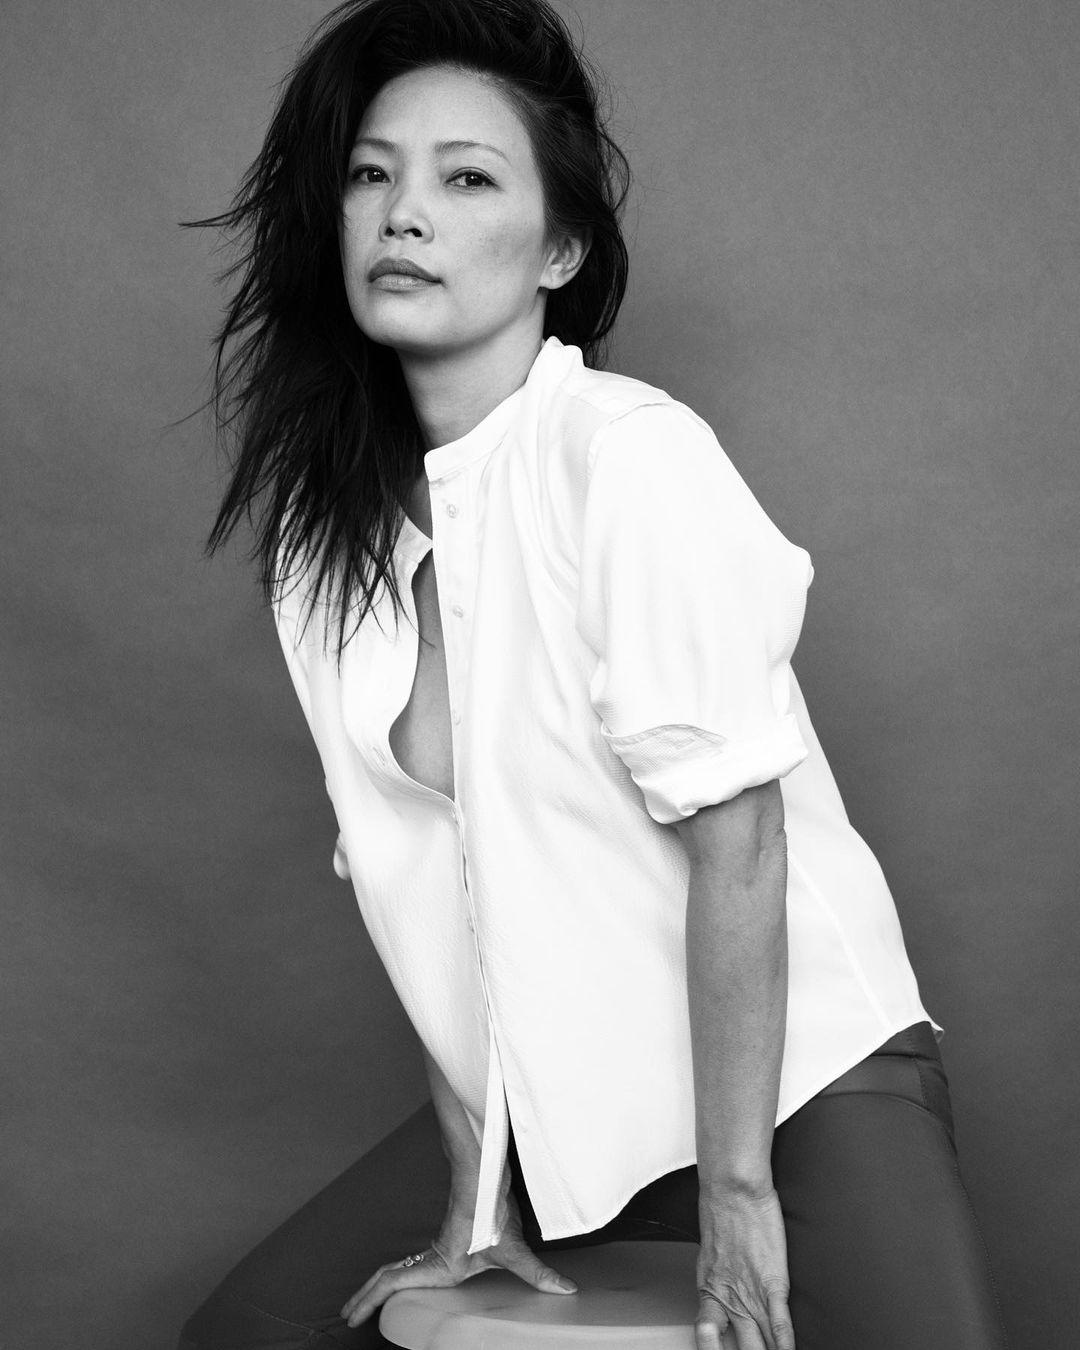 Siêu mẫu gốc Việt từng là bạn diễn của Chương Tử Di: Từ cô bé tự ti đến nàng mẫu tỏa sáng rực rỡ tại show Chanel - Ảnh 6.